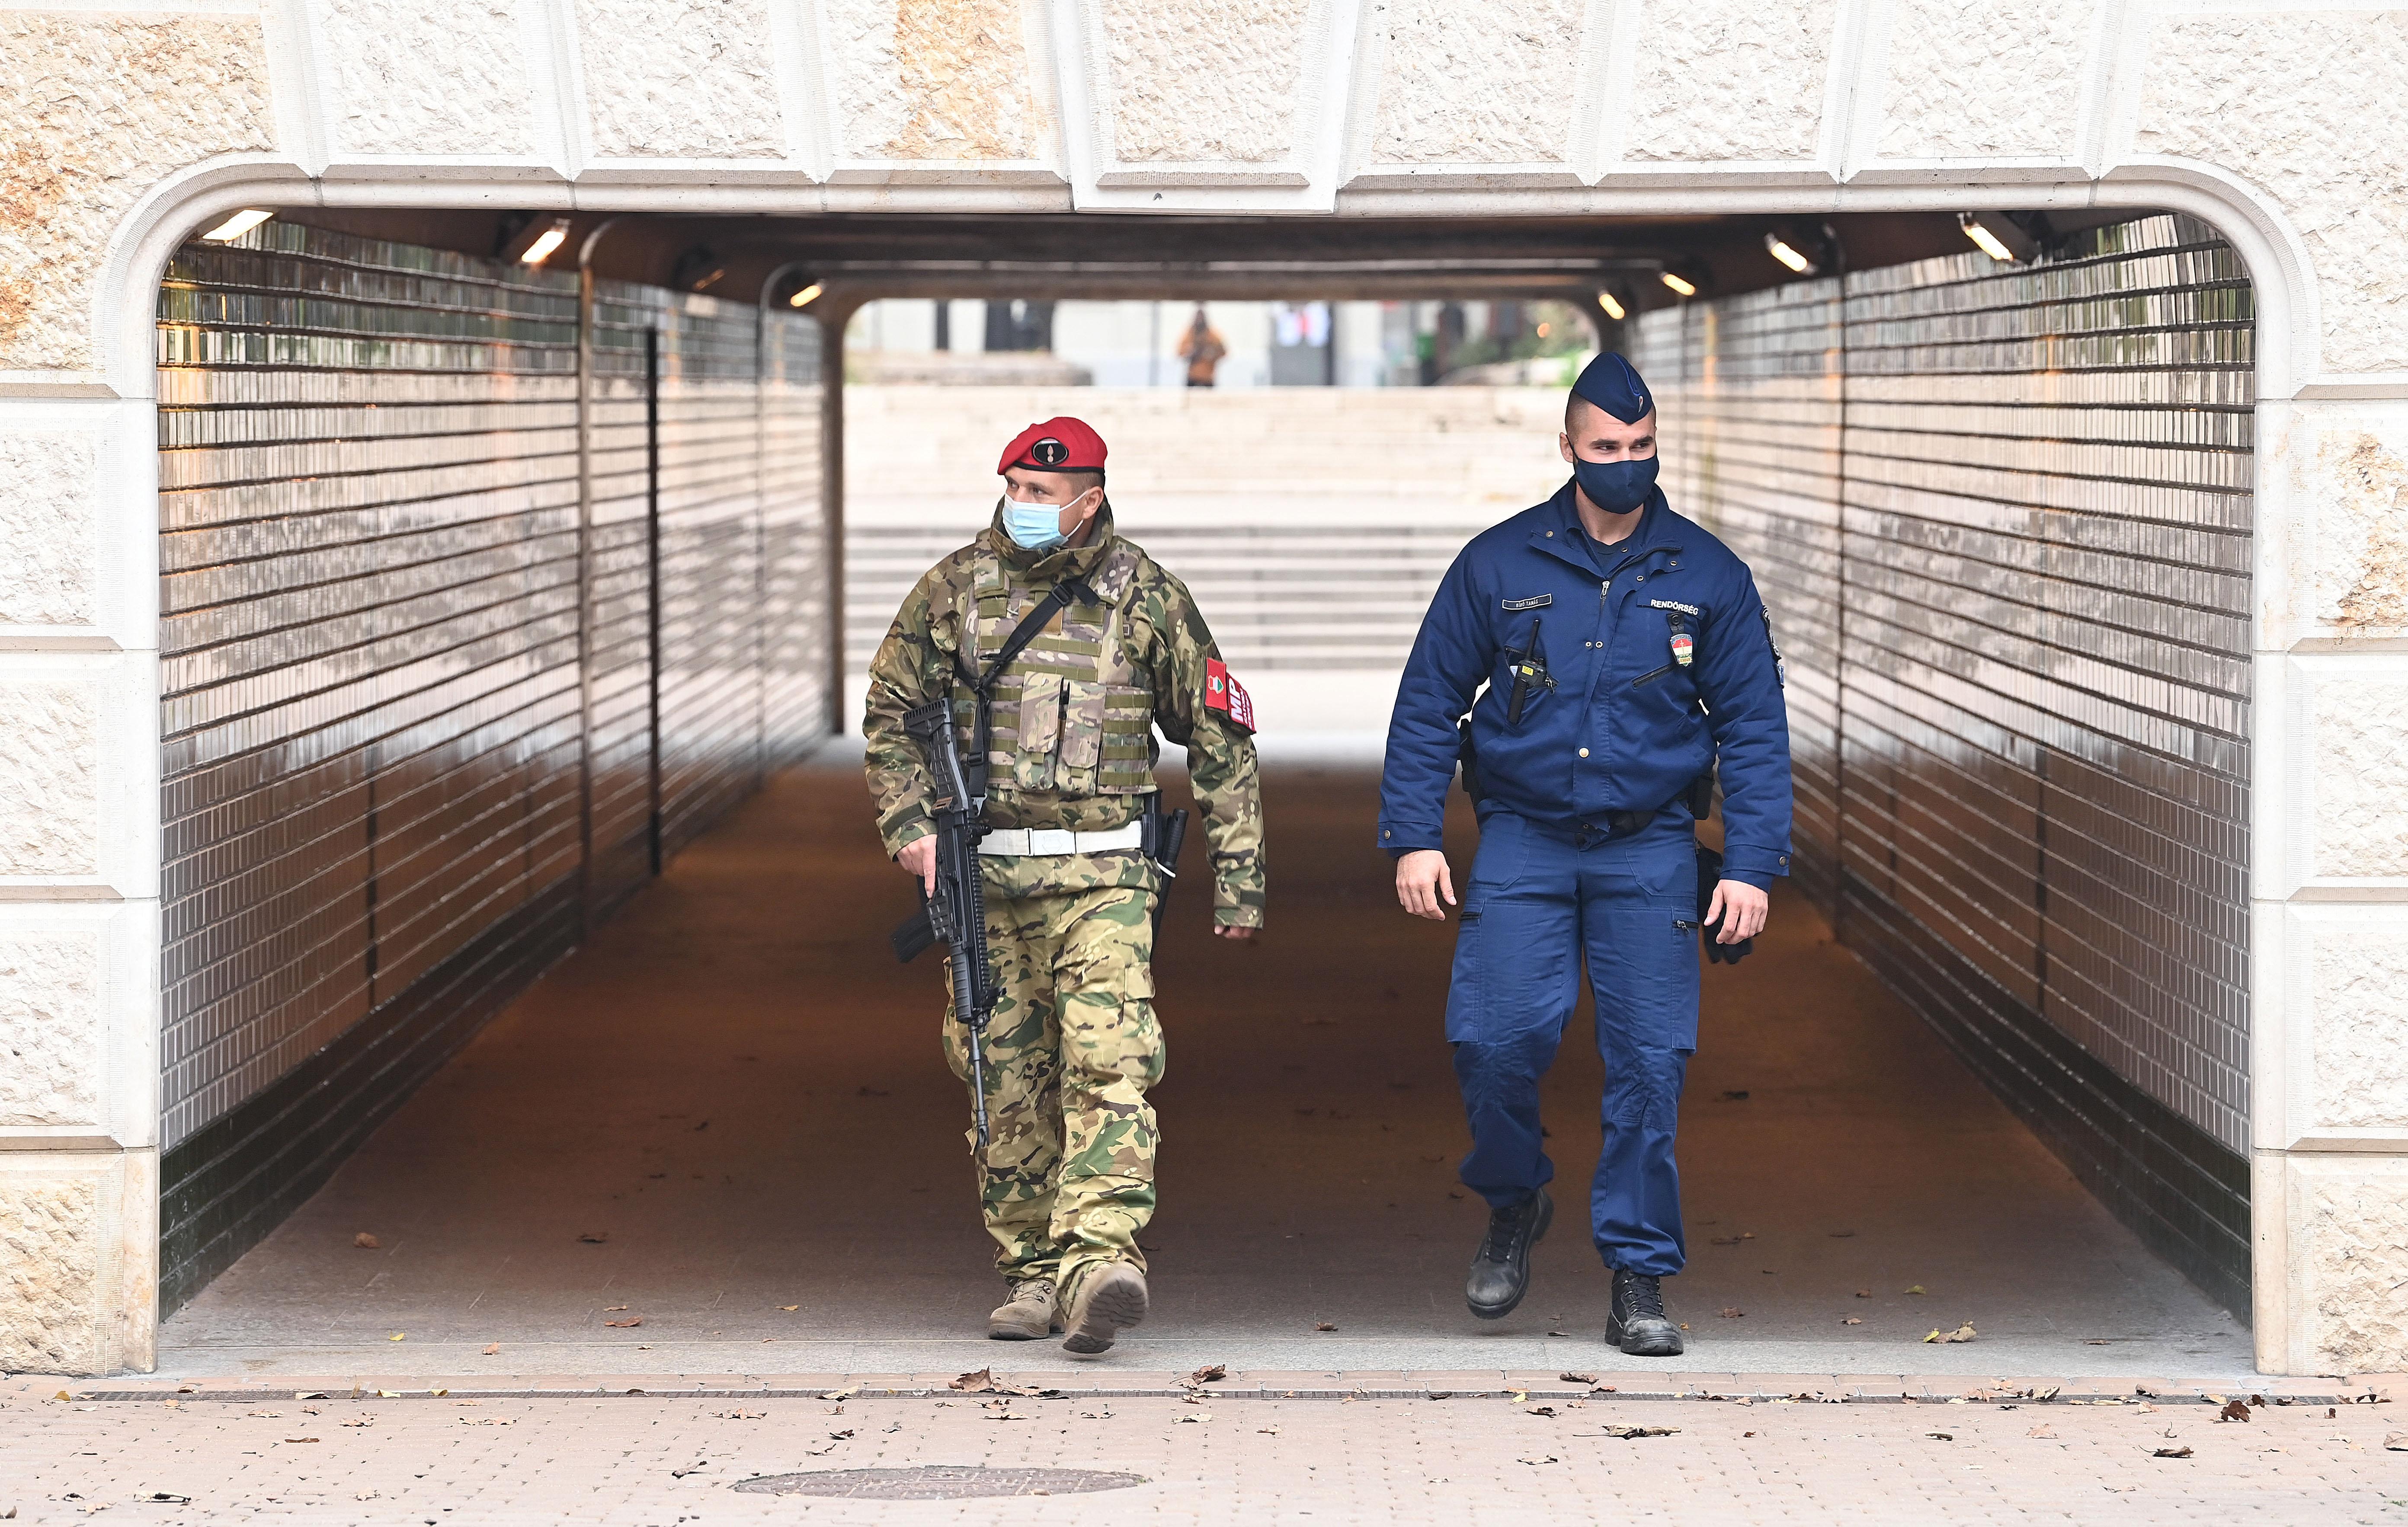 Földhöz vágta a maszkját, majd verekedni hívta az őt igazoltató katonát és rendőröket